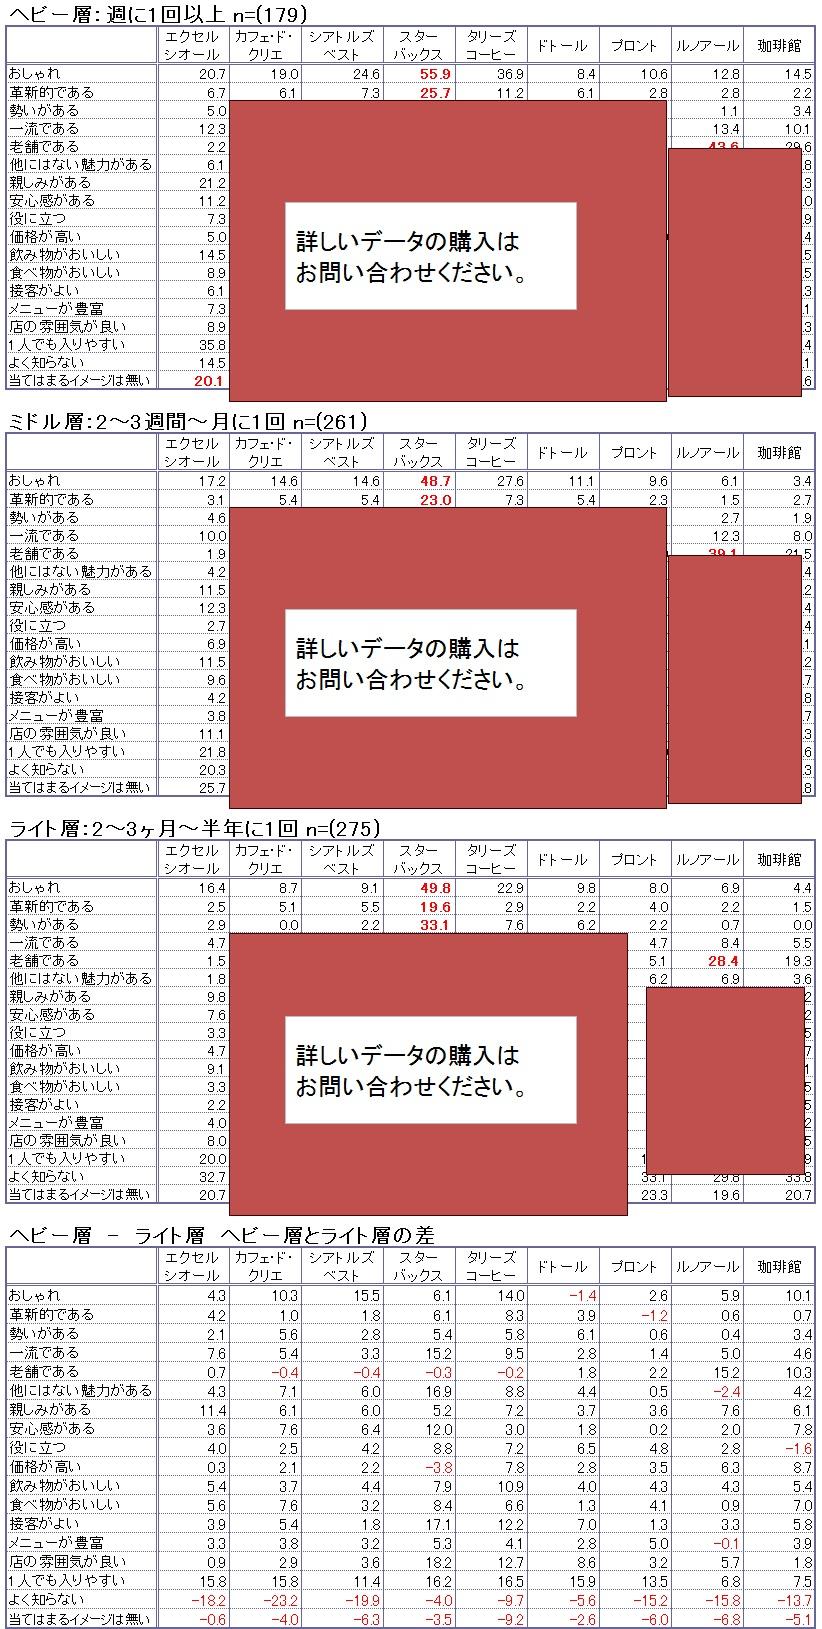 カフェ イメージ評価【カフェヘビーユーザー vs ライユーザー】